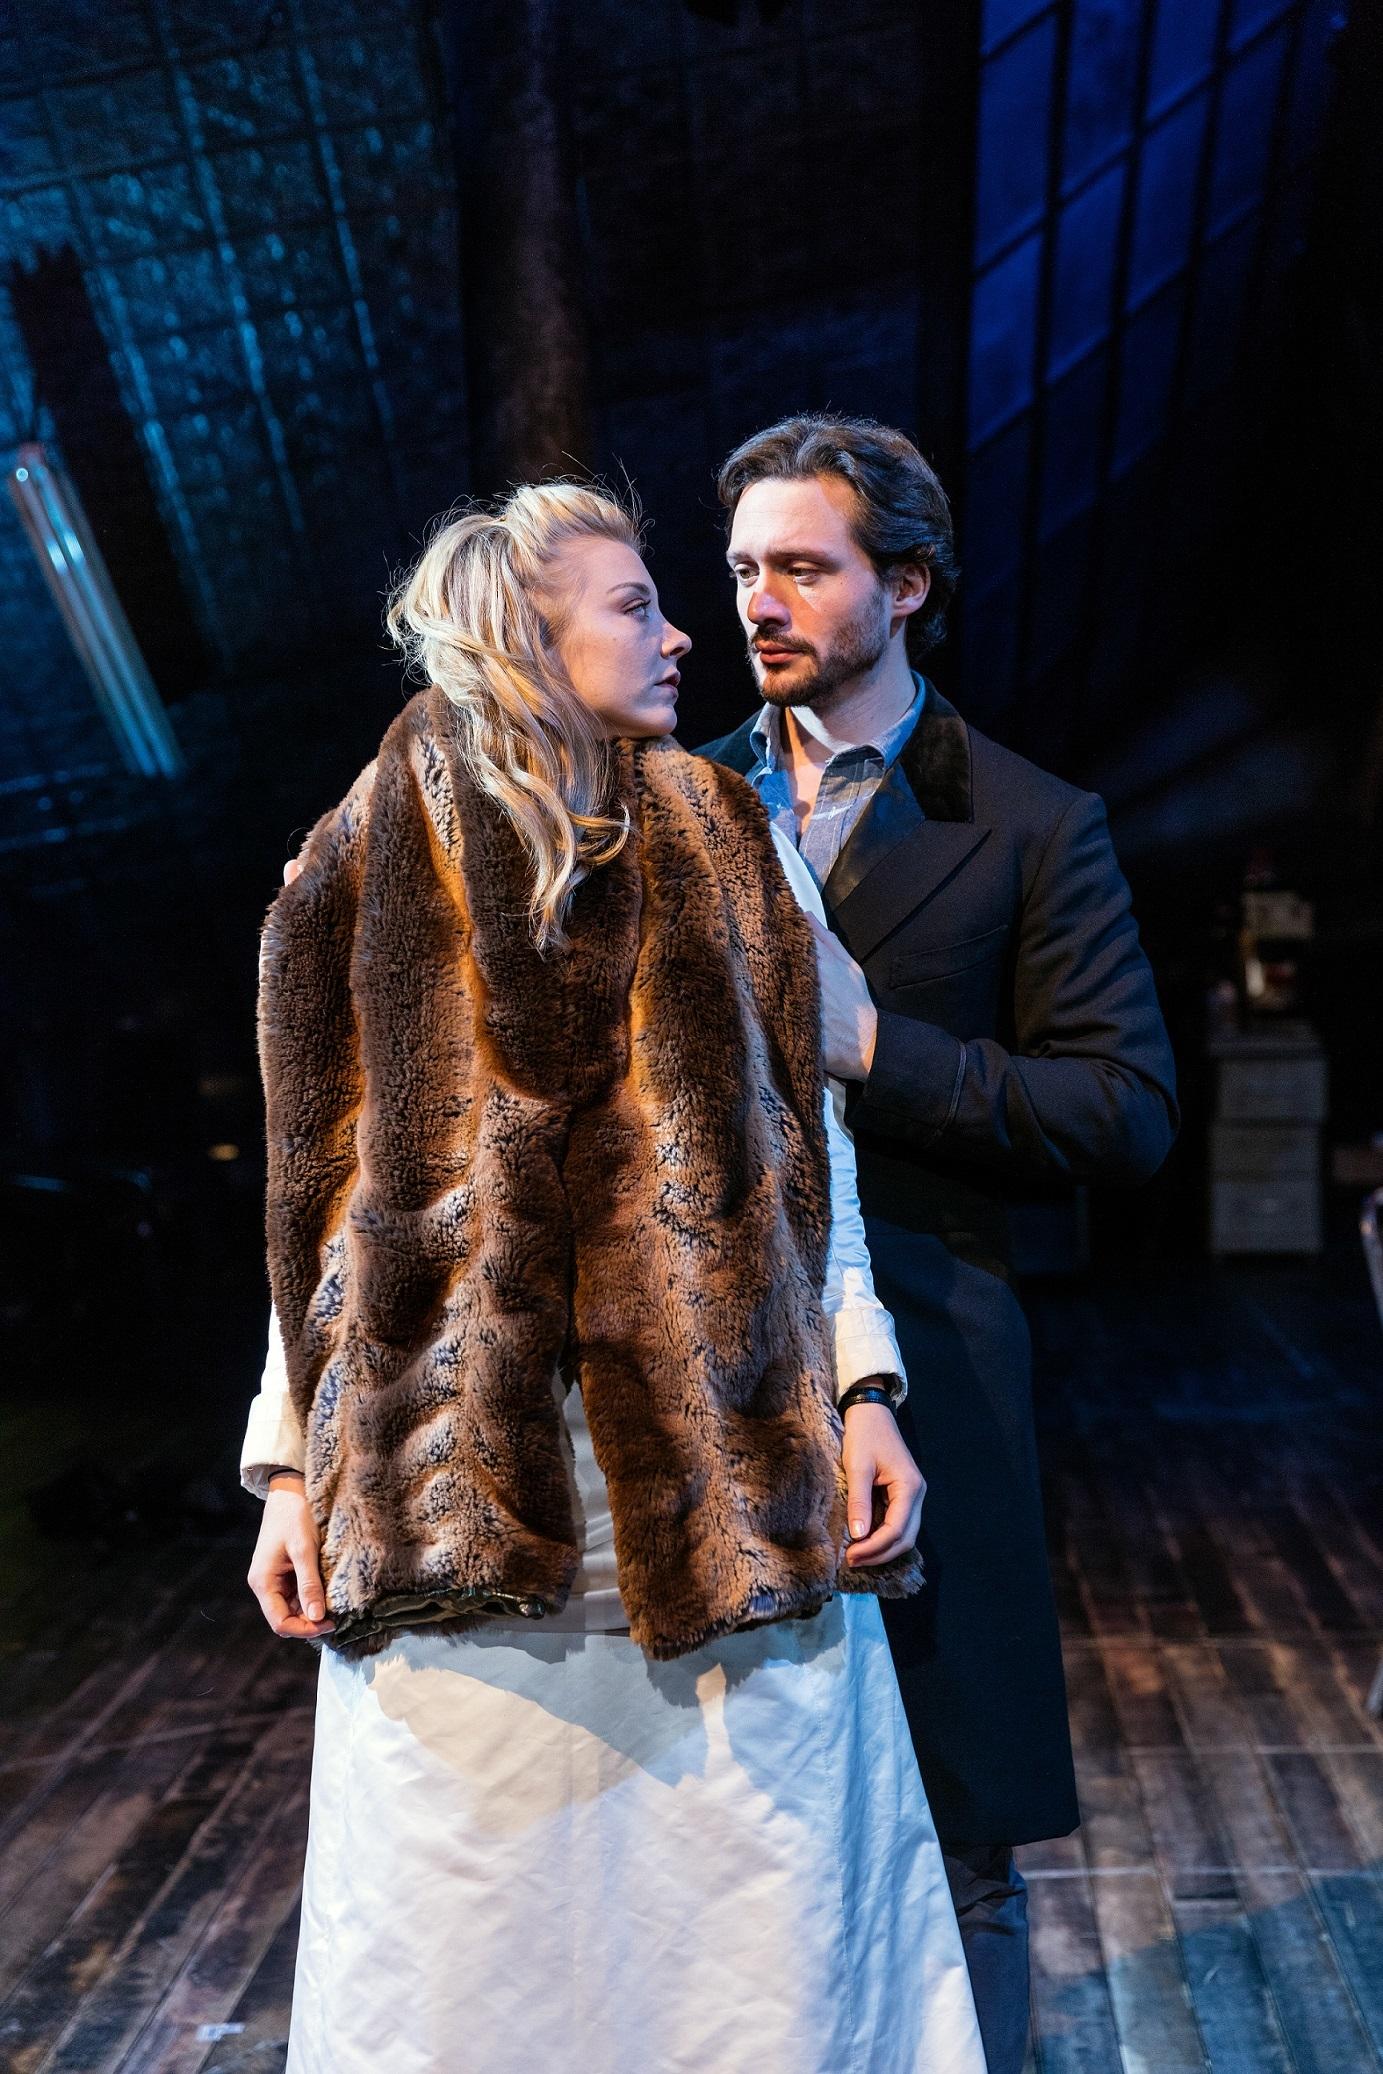 BWW Review: VENUS IN FUR, Theatre Royal Haymarket